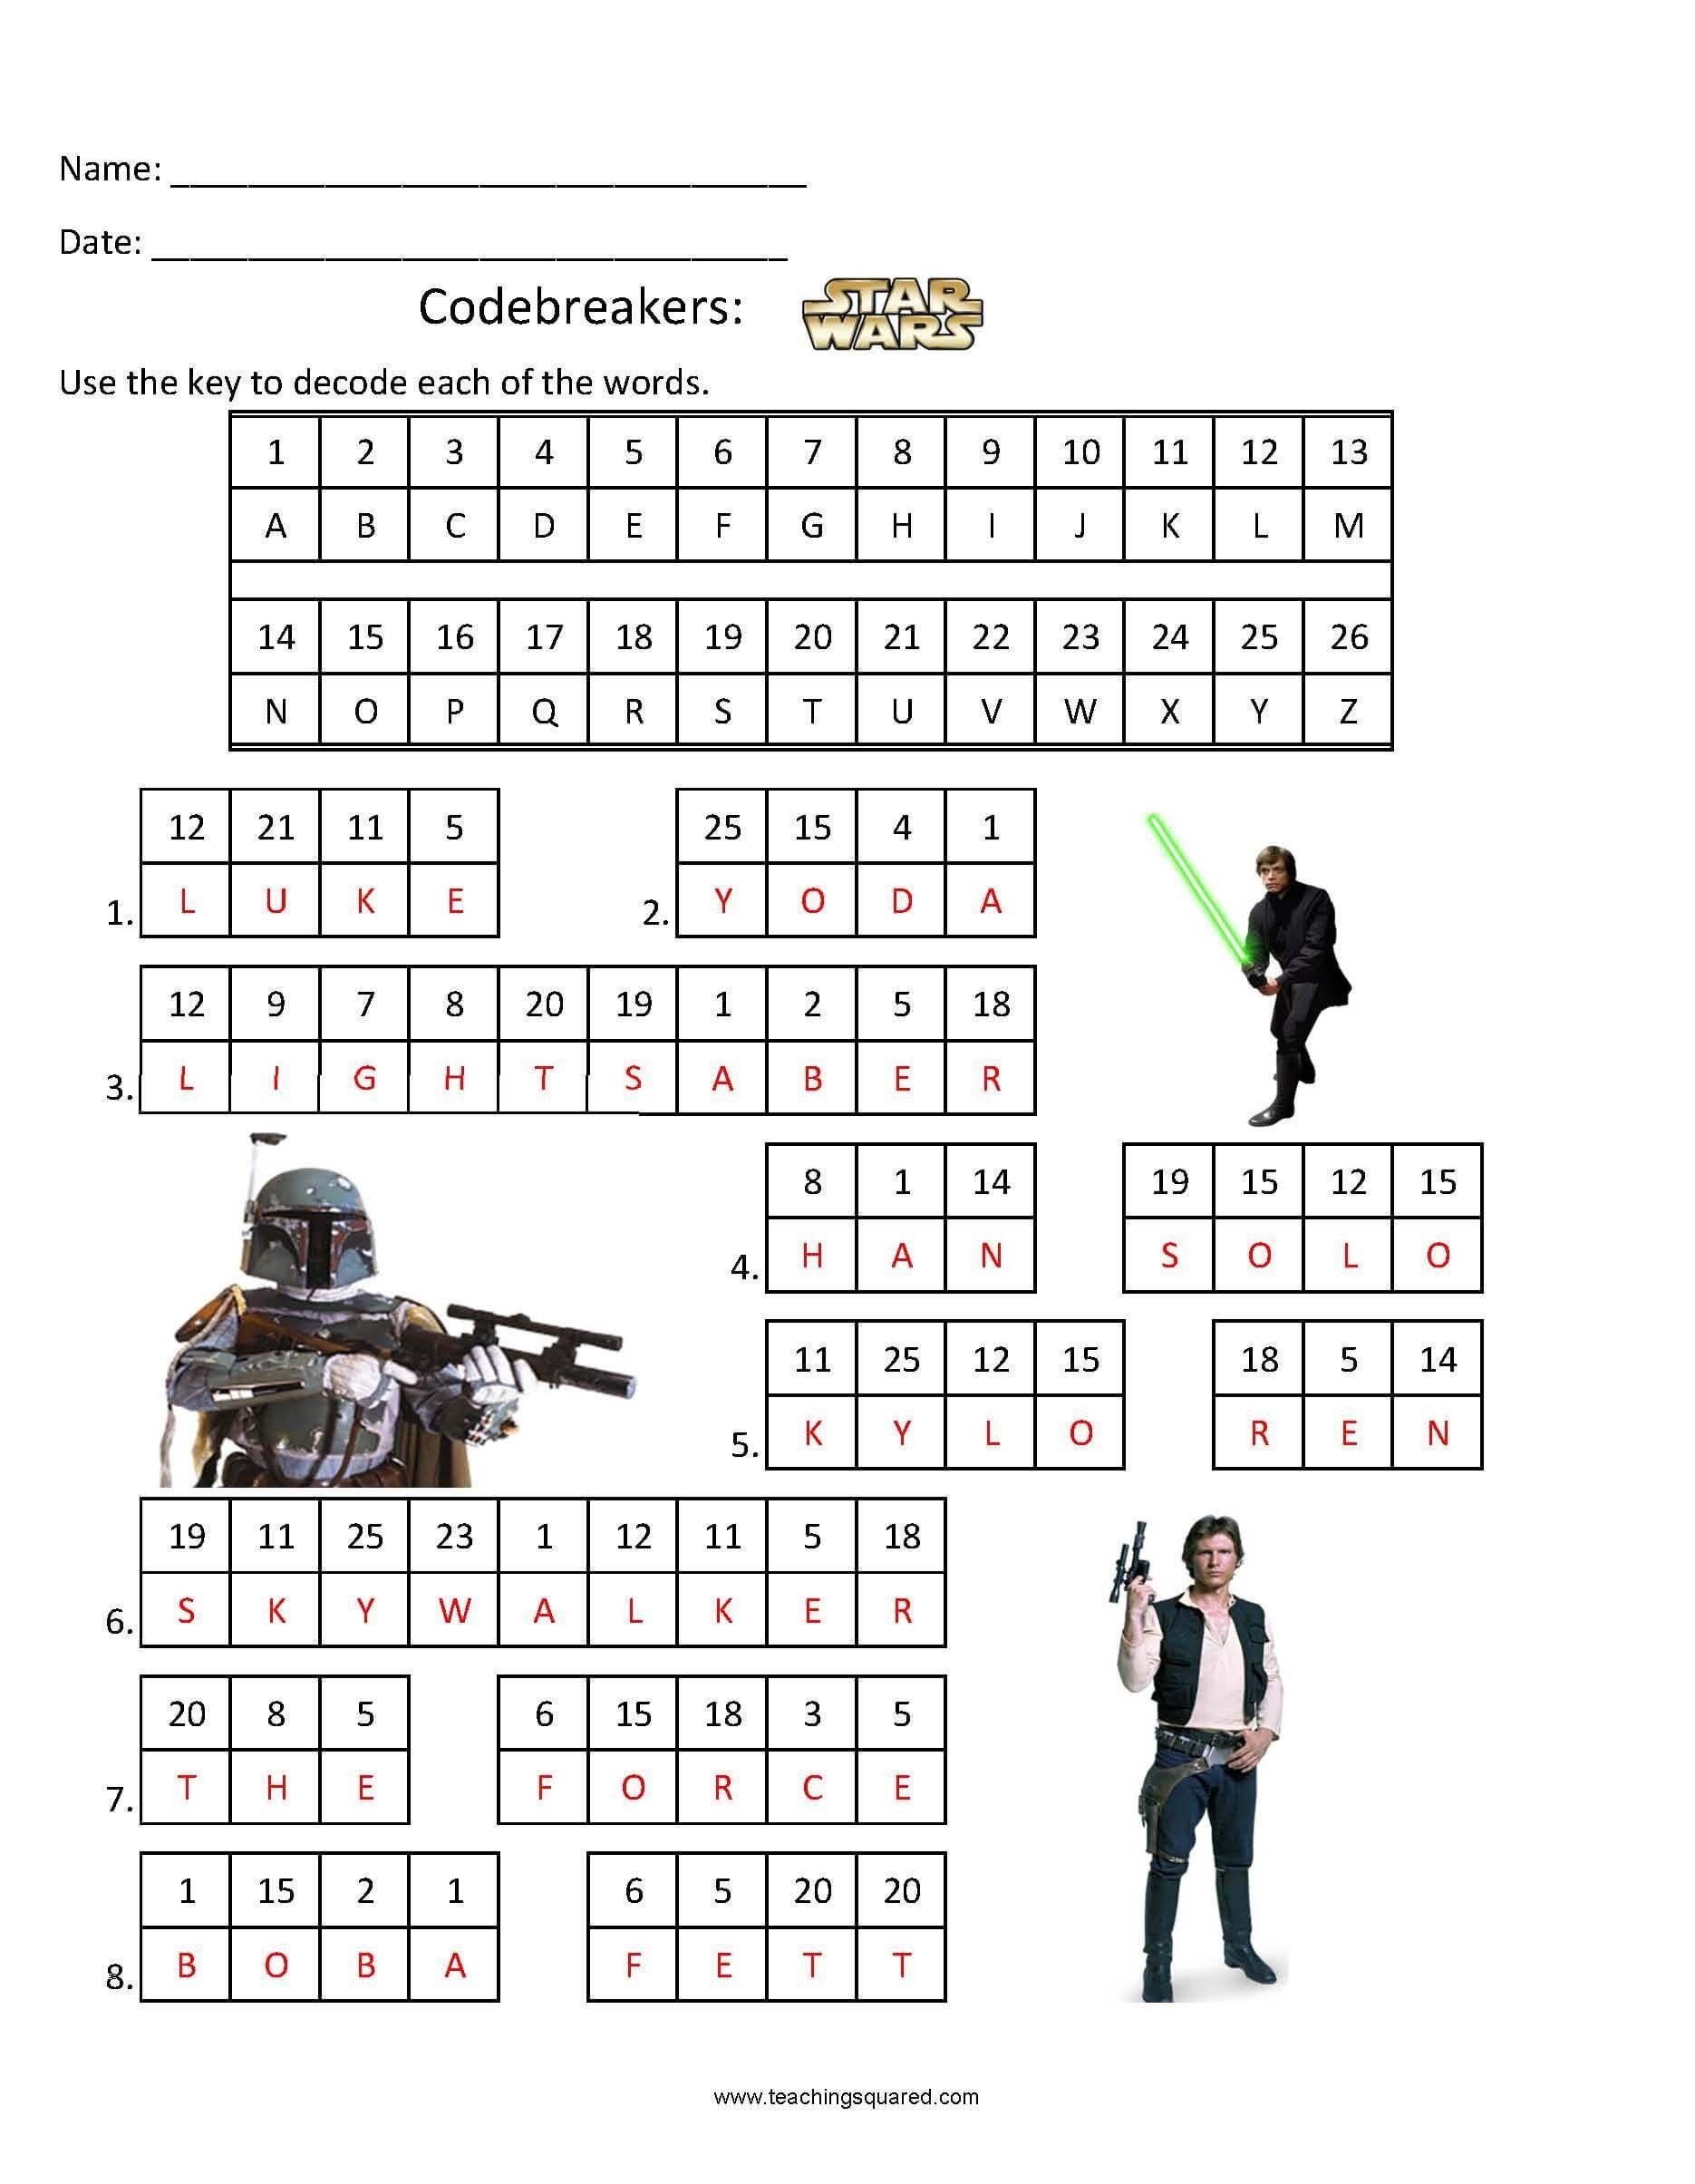 Star Wars Math Worksheets Codebreakers Star Wars 1 Teaching Squared Star Wars Activities Kids Math Worksheets Math Worksheet